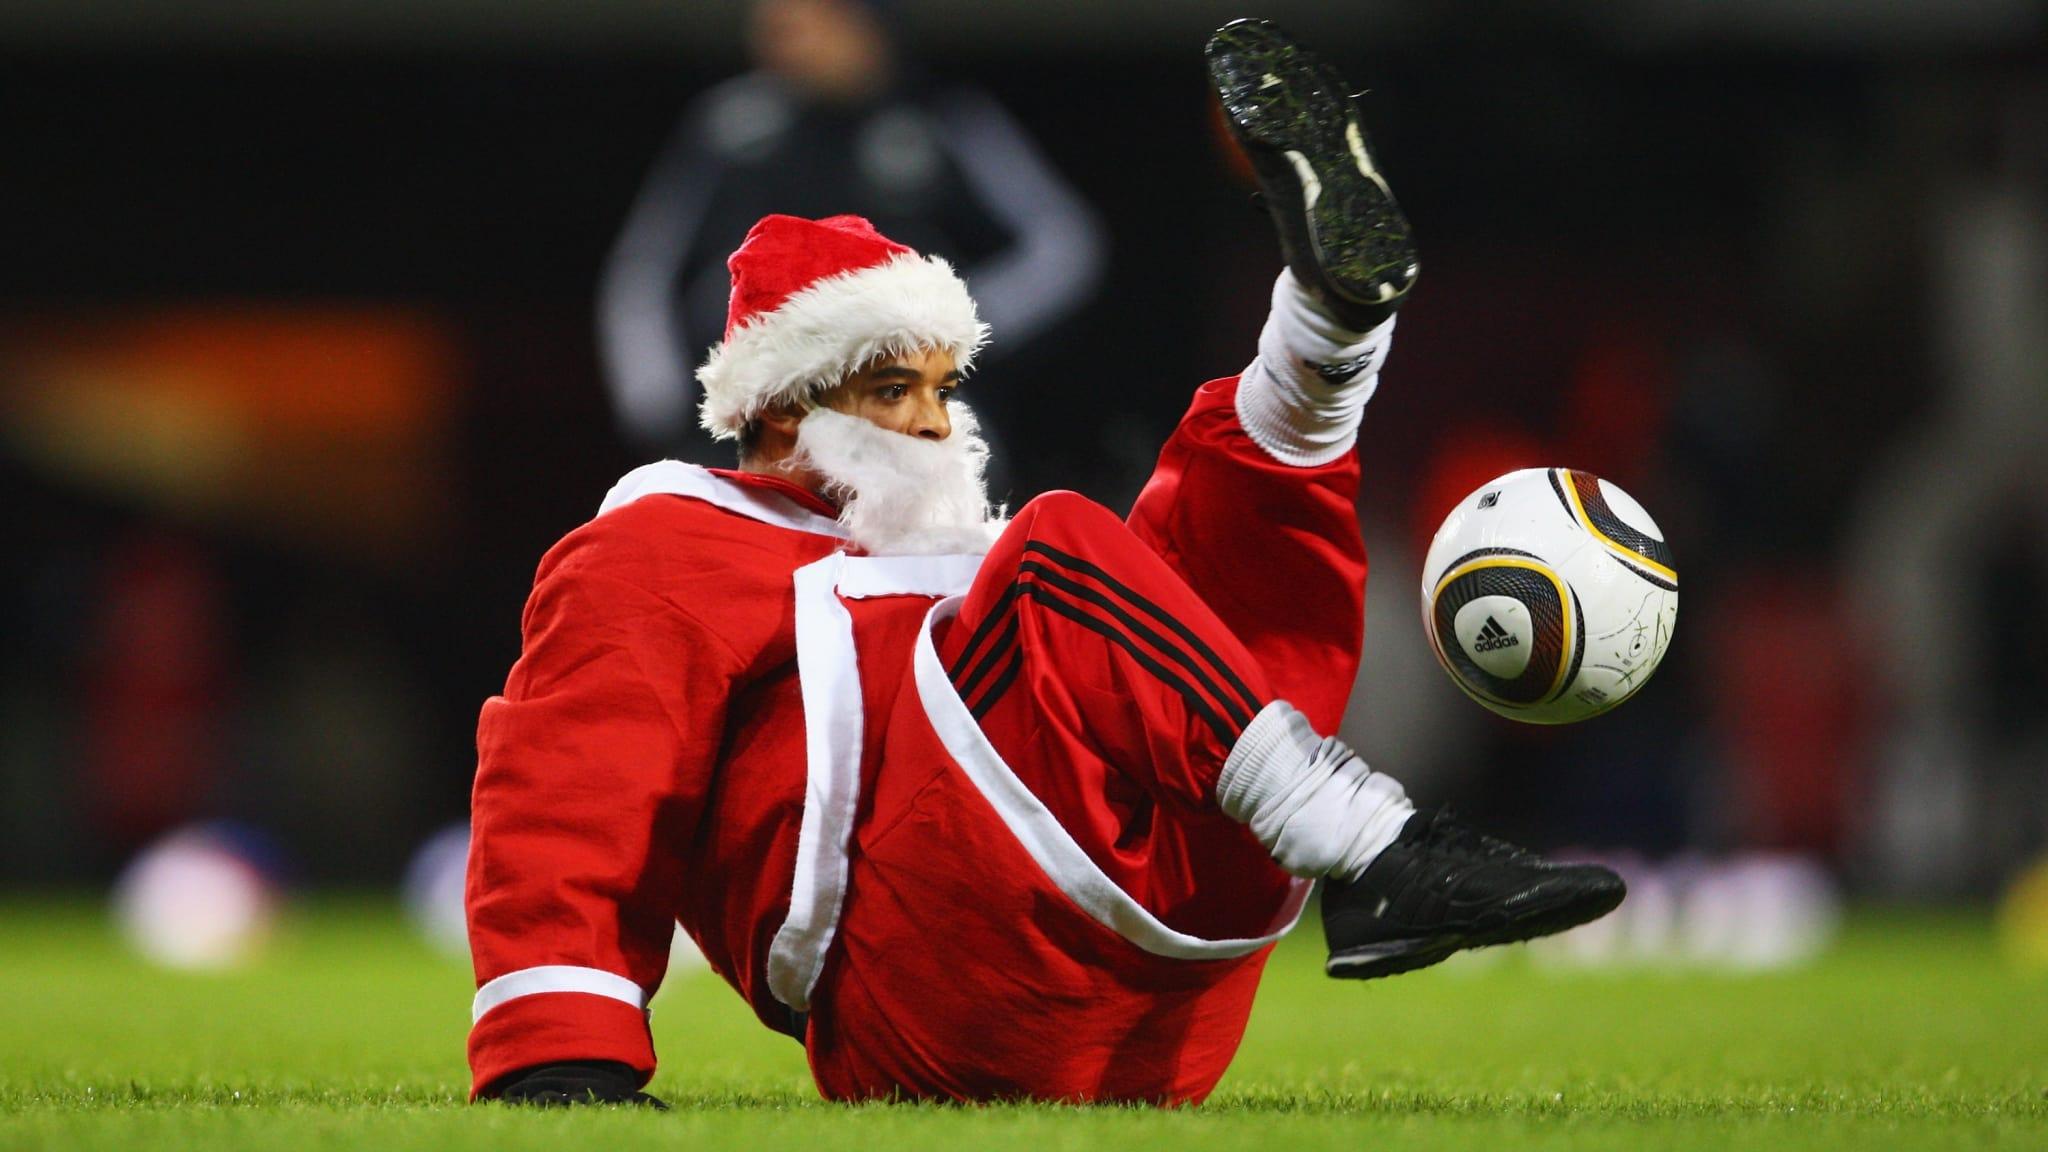 Le Boxing day, une tradition légendaire du foot anglais